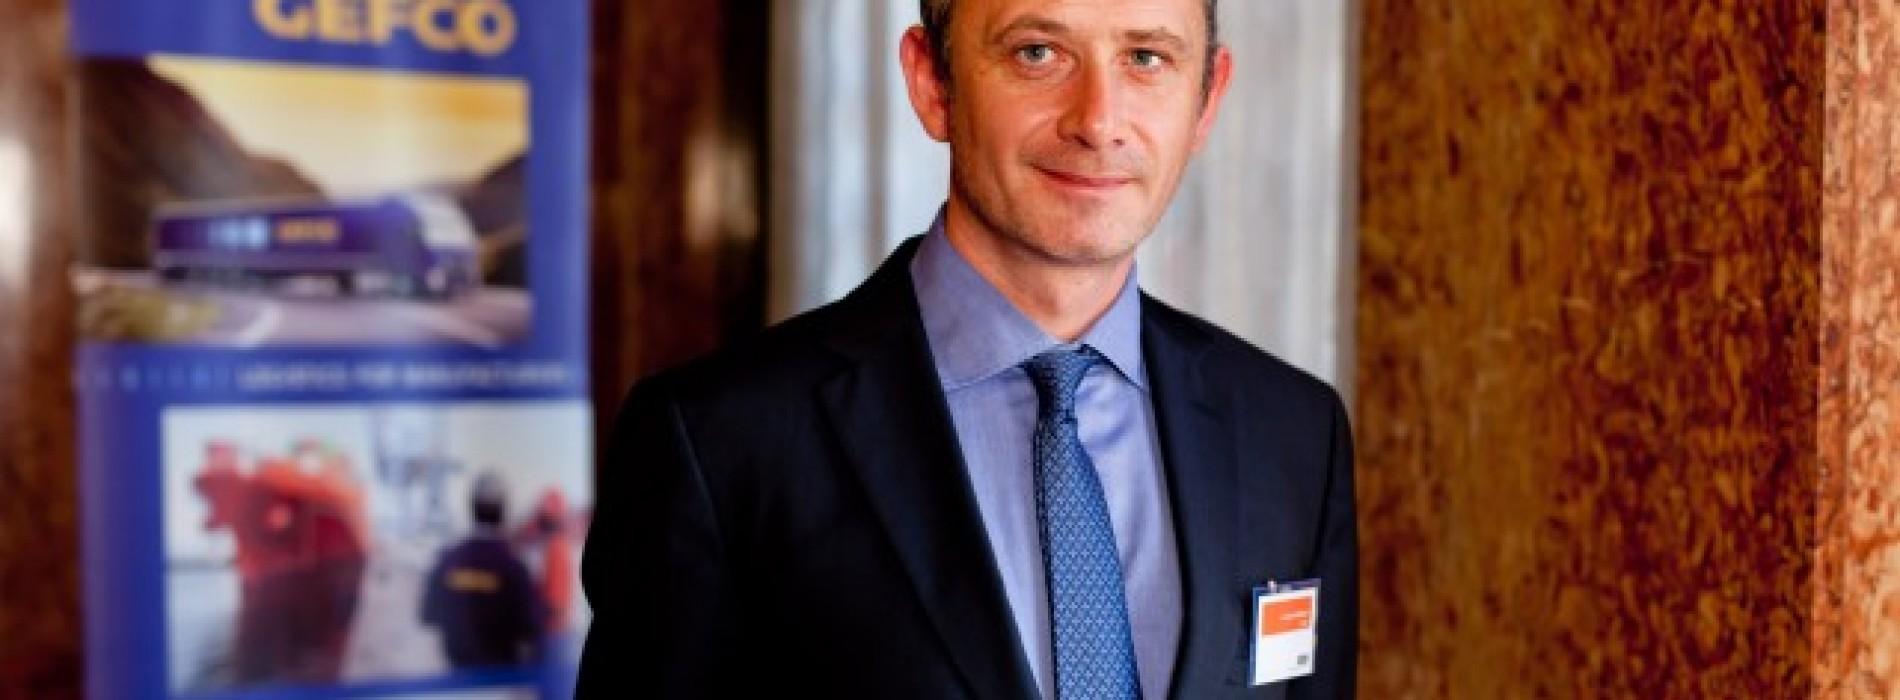 Жером Шевроле поема управлението на офисите на GEFCO в България и в Румъния